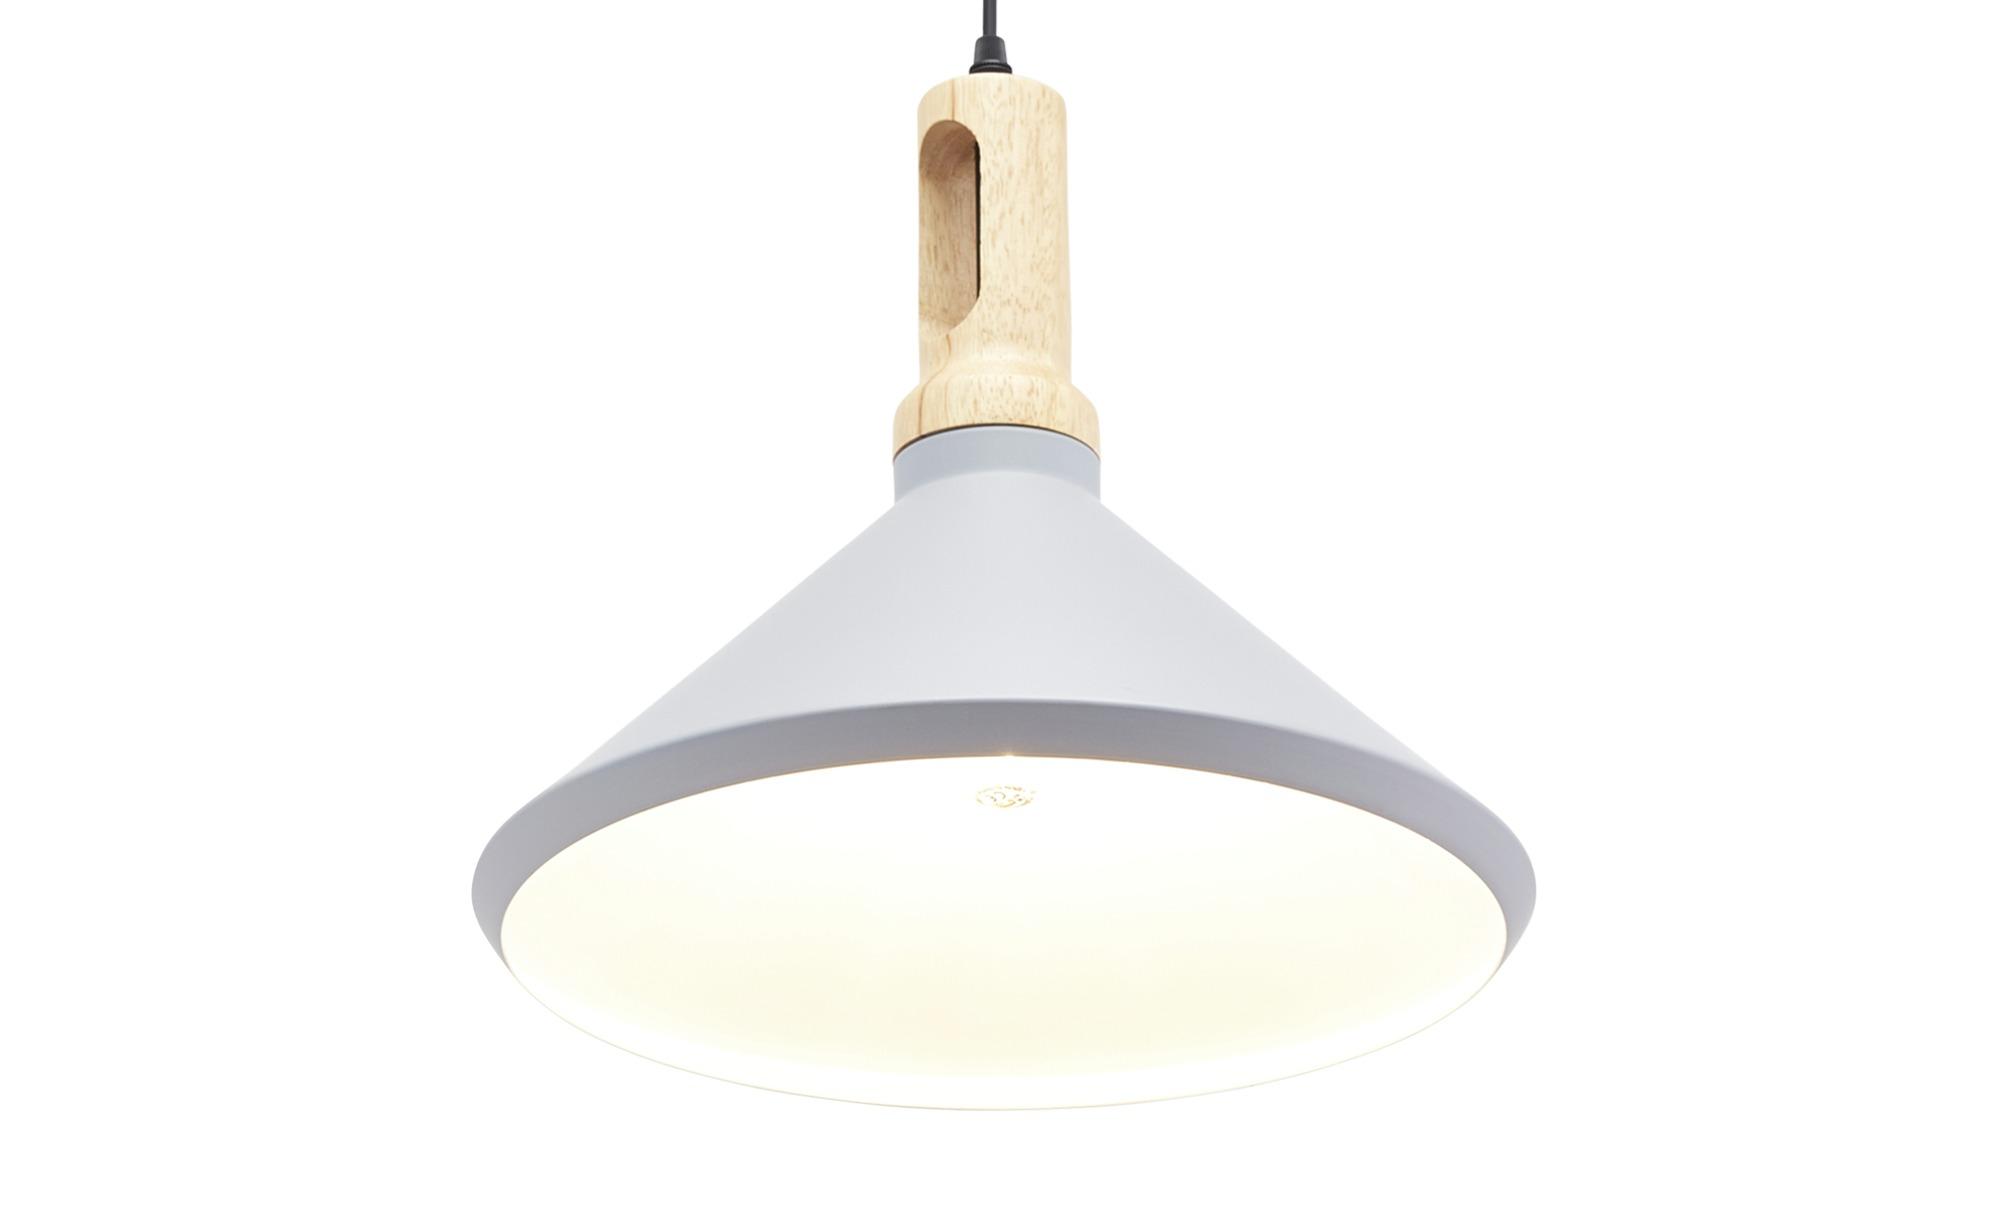 HOME STORY Pendelleuchte, 1-flammig grau ¦ grau ¦ Maße (cm): H: 150 Ø: 35 Lampen & Leuchten > Innenleuchten > Pendelleuchten - Höffner